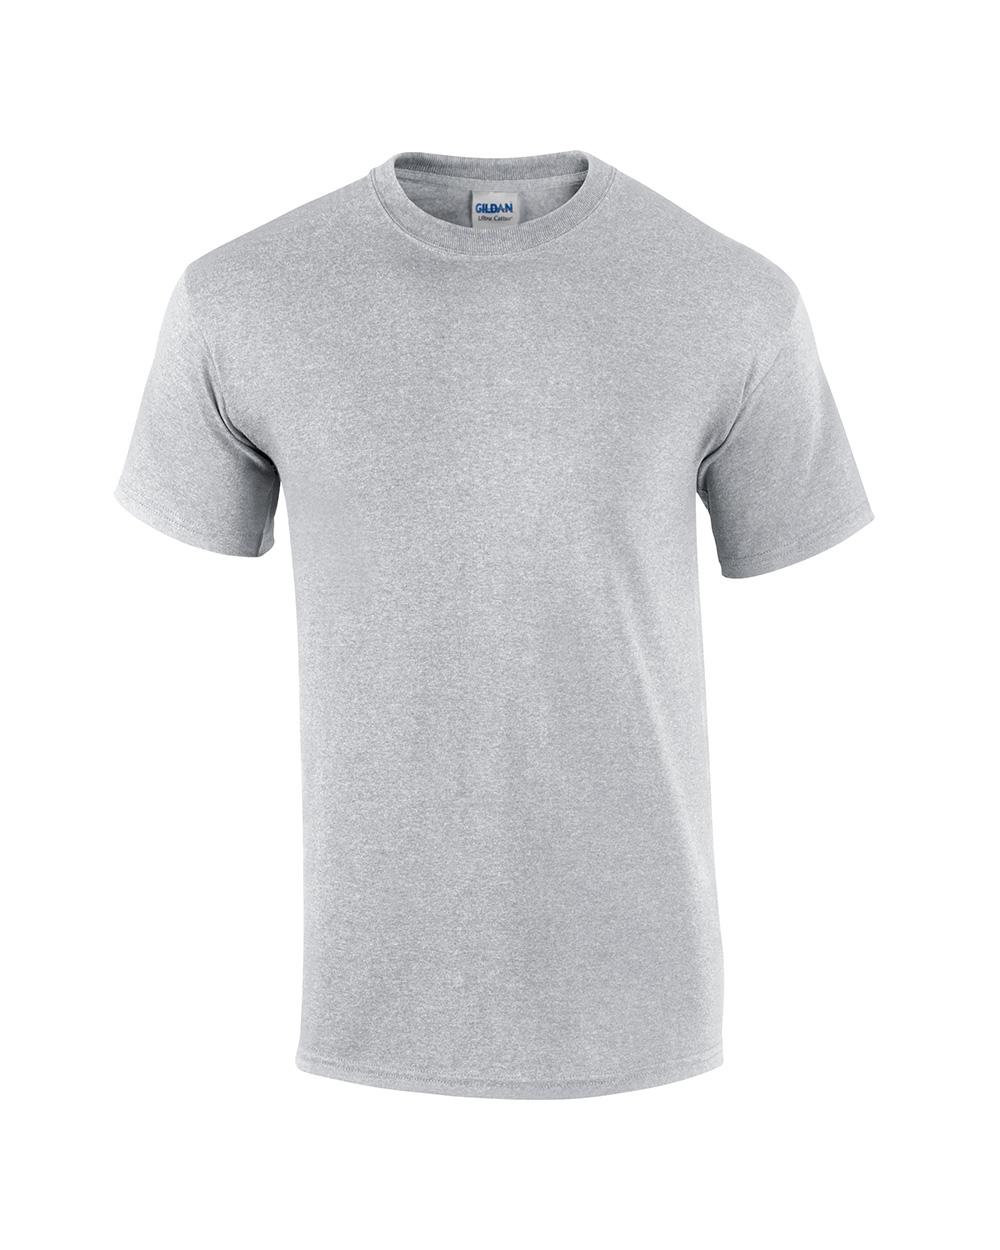 Gd002 Gildan Ultra Cotton T Shirt Sizes Sml 5xl